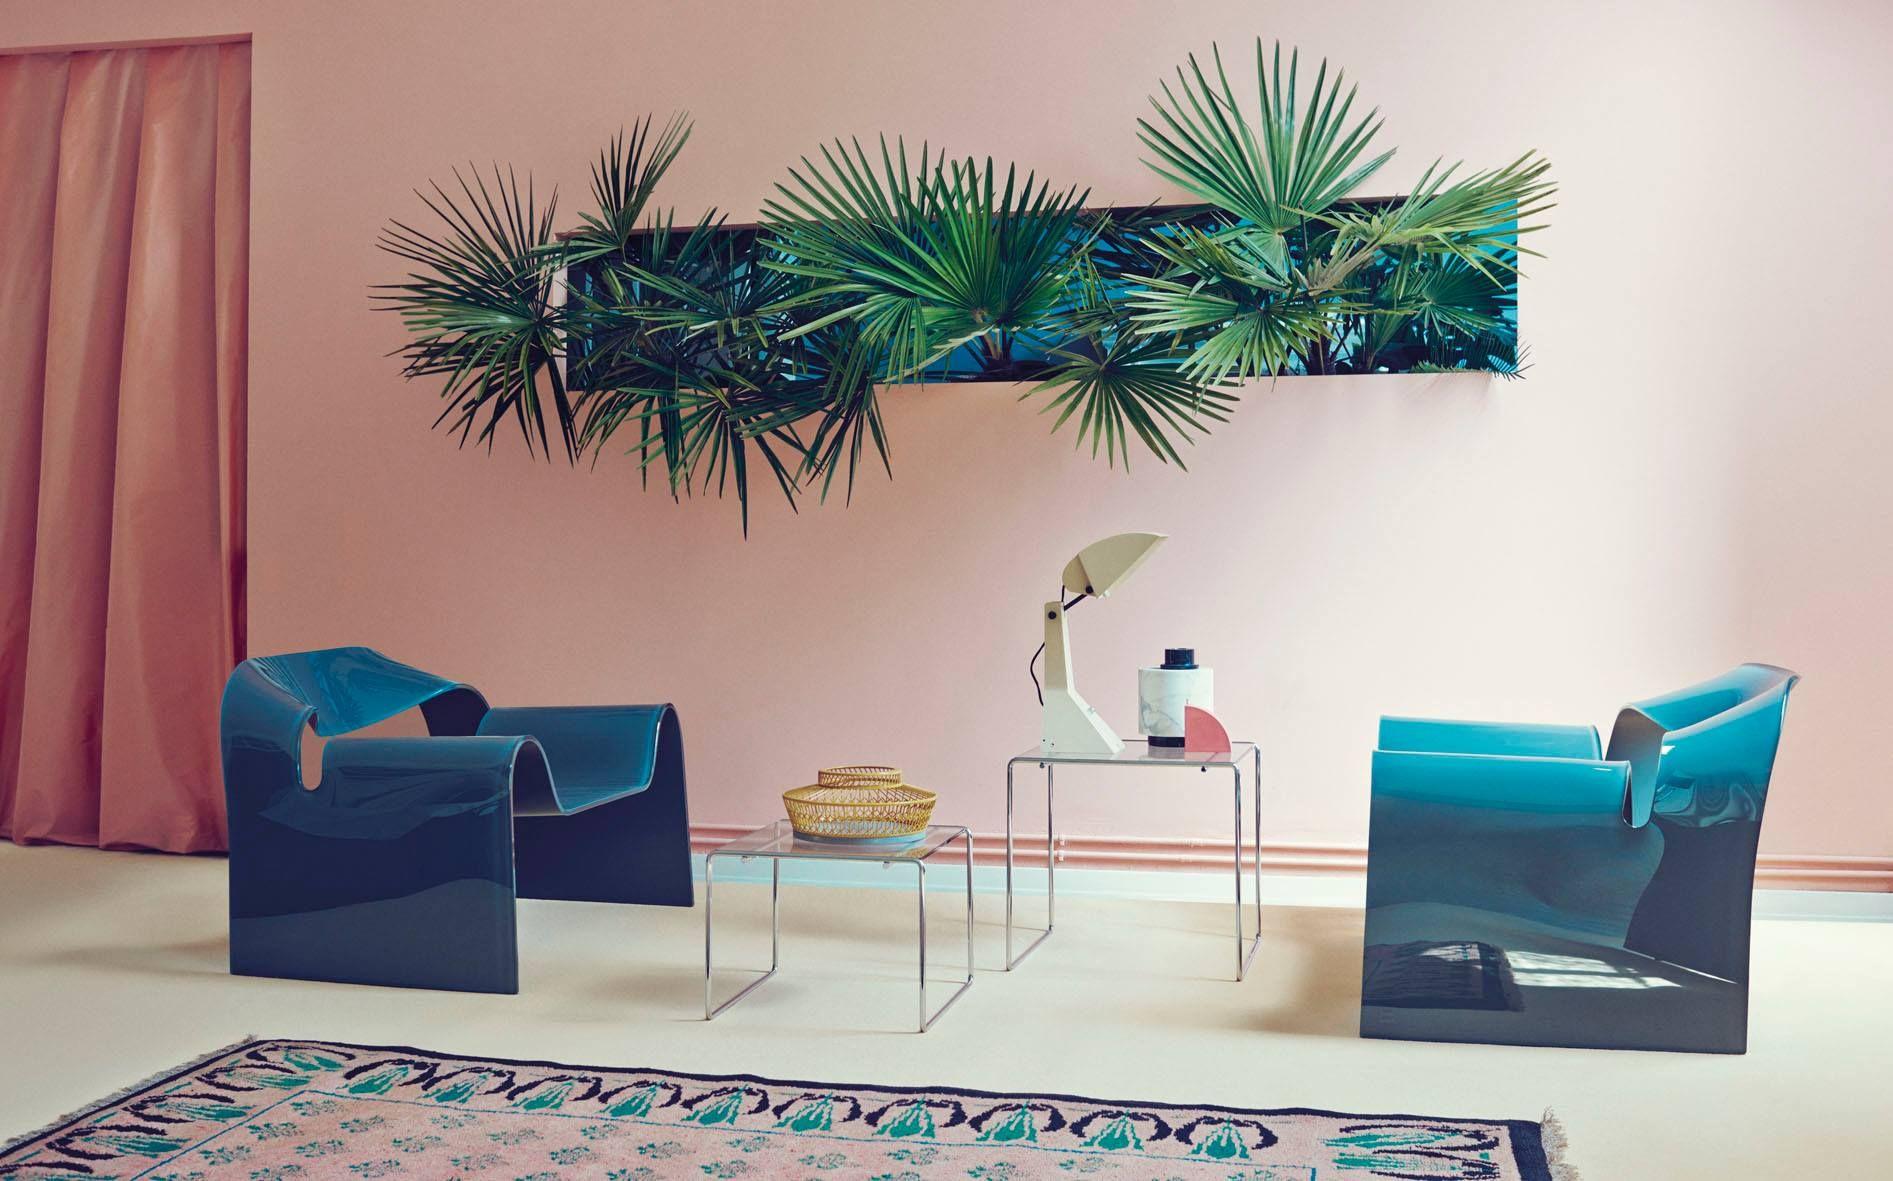 Studio-Pepe-Palm-spring-Andrea Ferrari-4